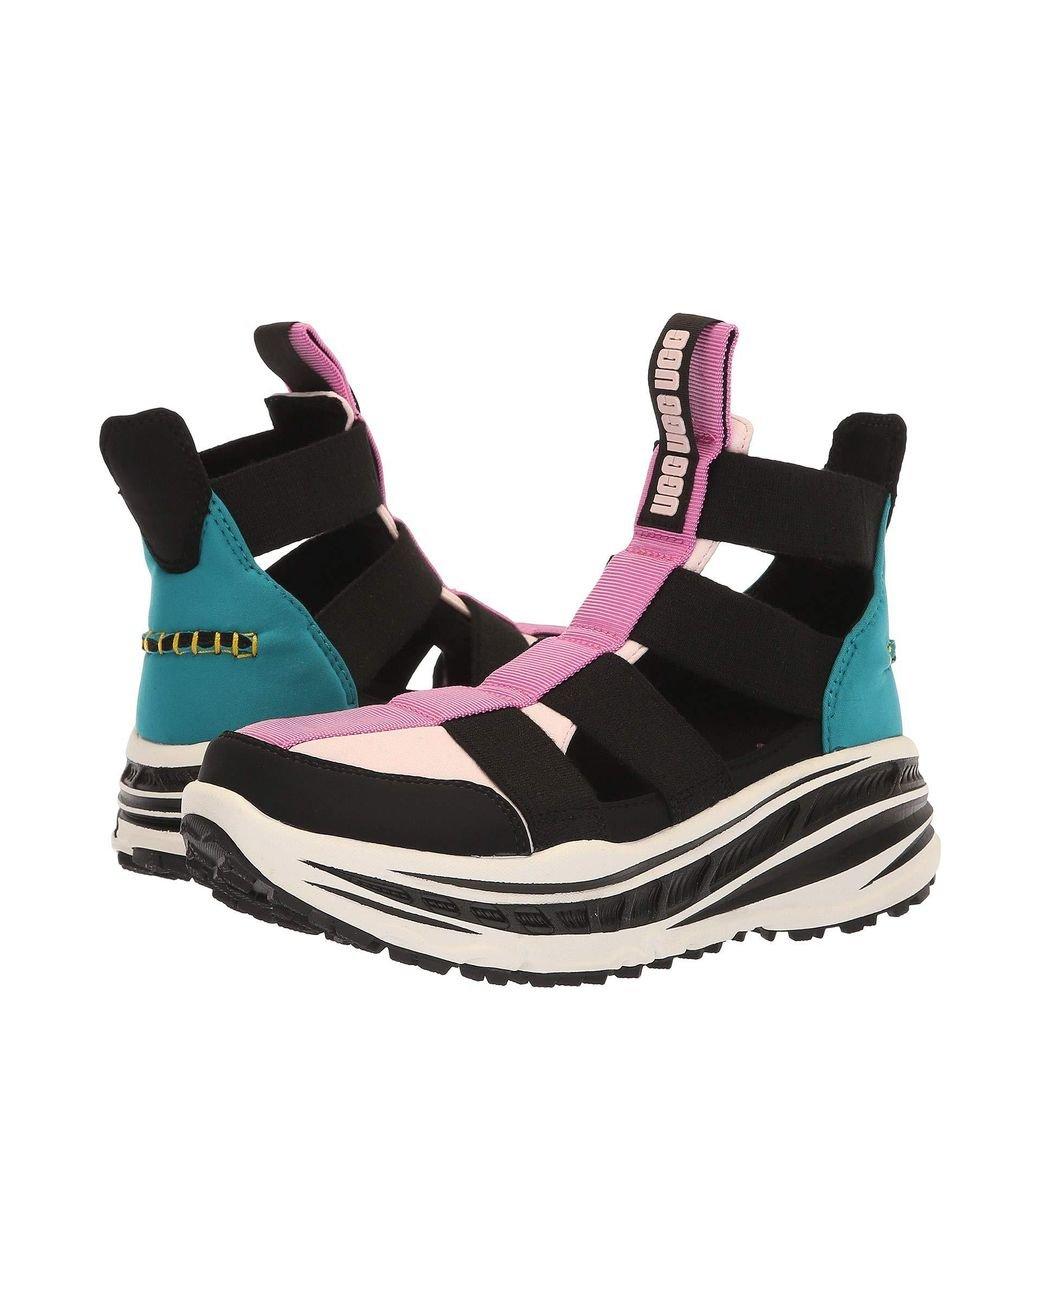 5c66f58d604 Lyst - UGG Gladiator Runner (black) Women s Shoes in Black